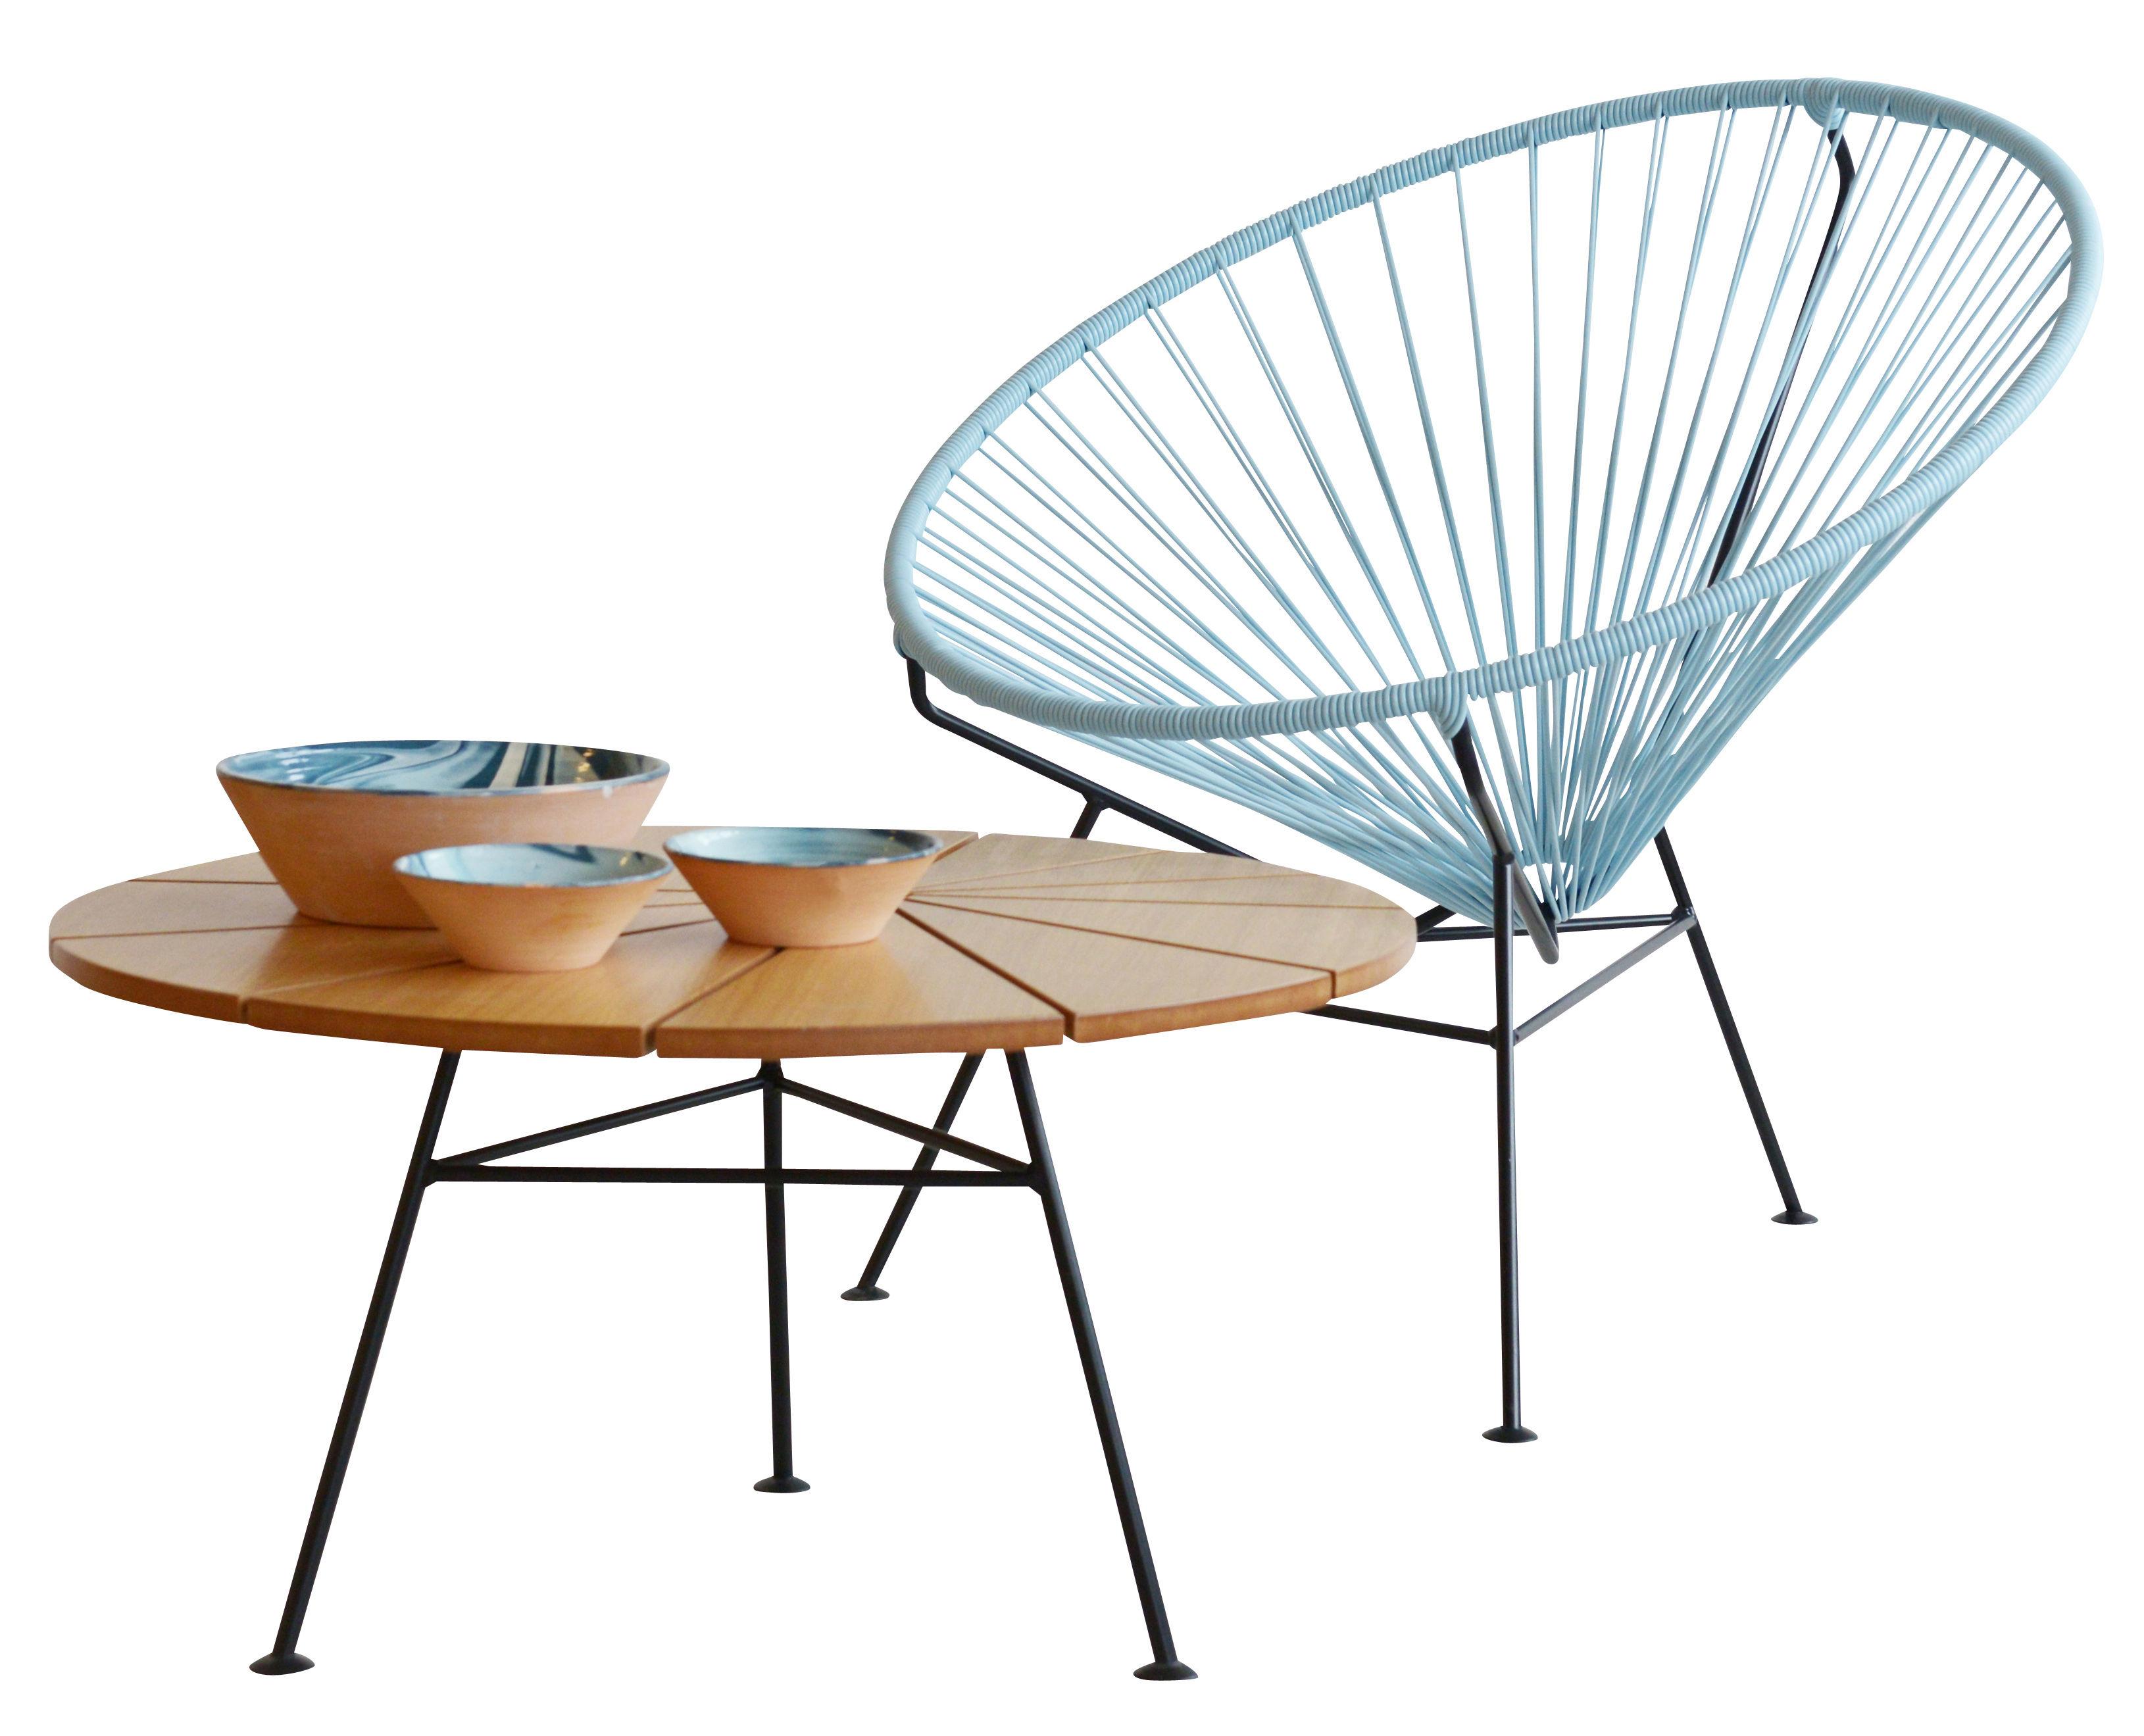 fauteuil bas condesa bleu gris ok design pour sentou edition. Black Bedroom Furniture Sets. Home Design Ideas